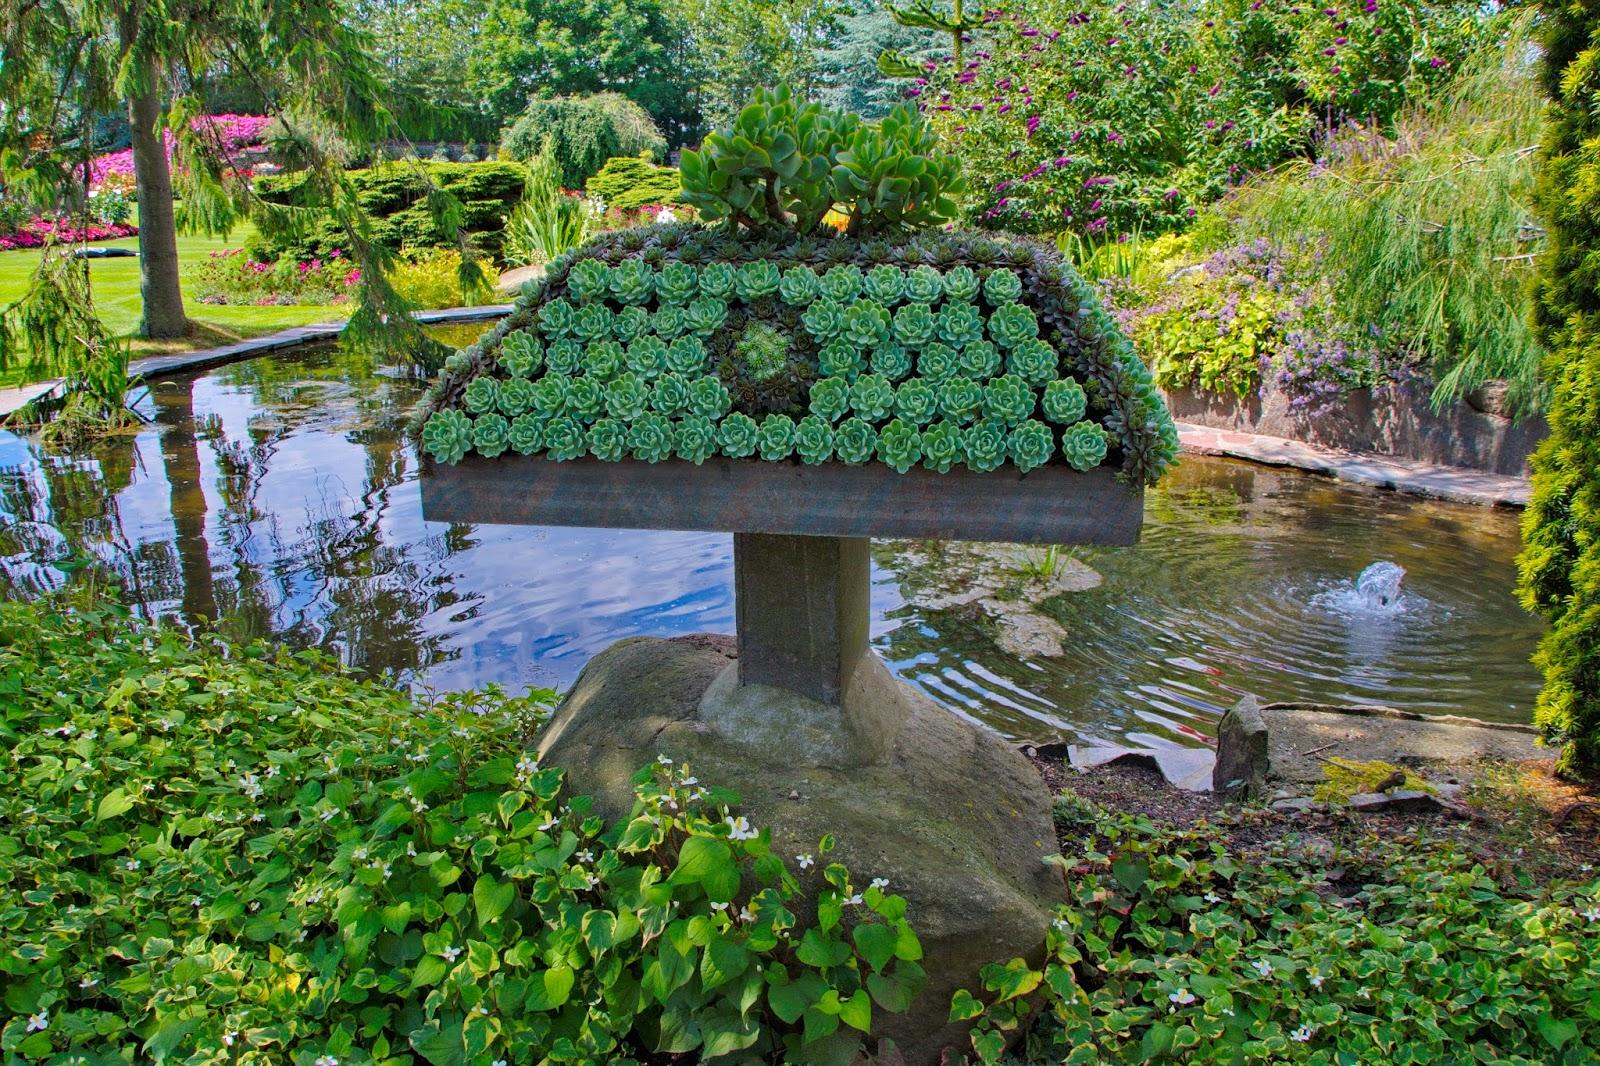 jesperhus blomsterpark danmark